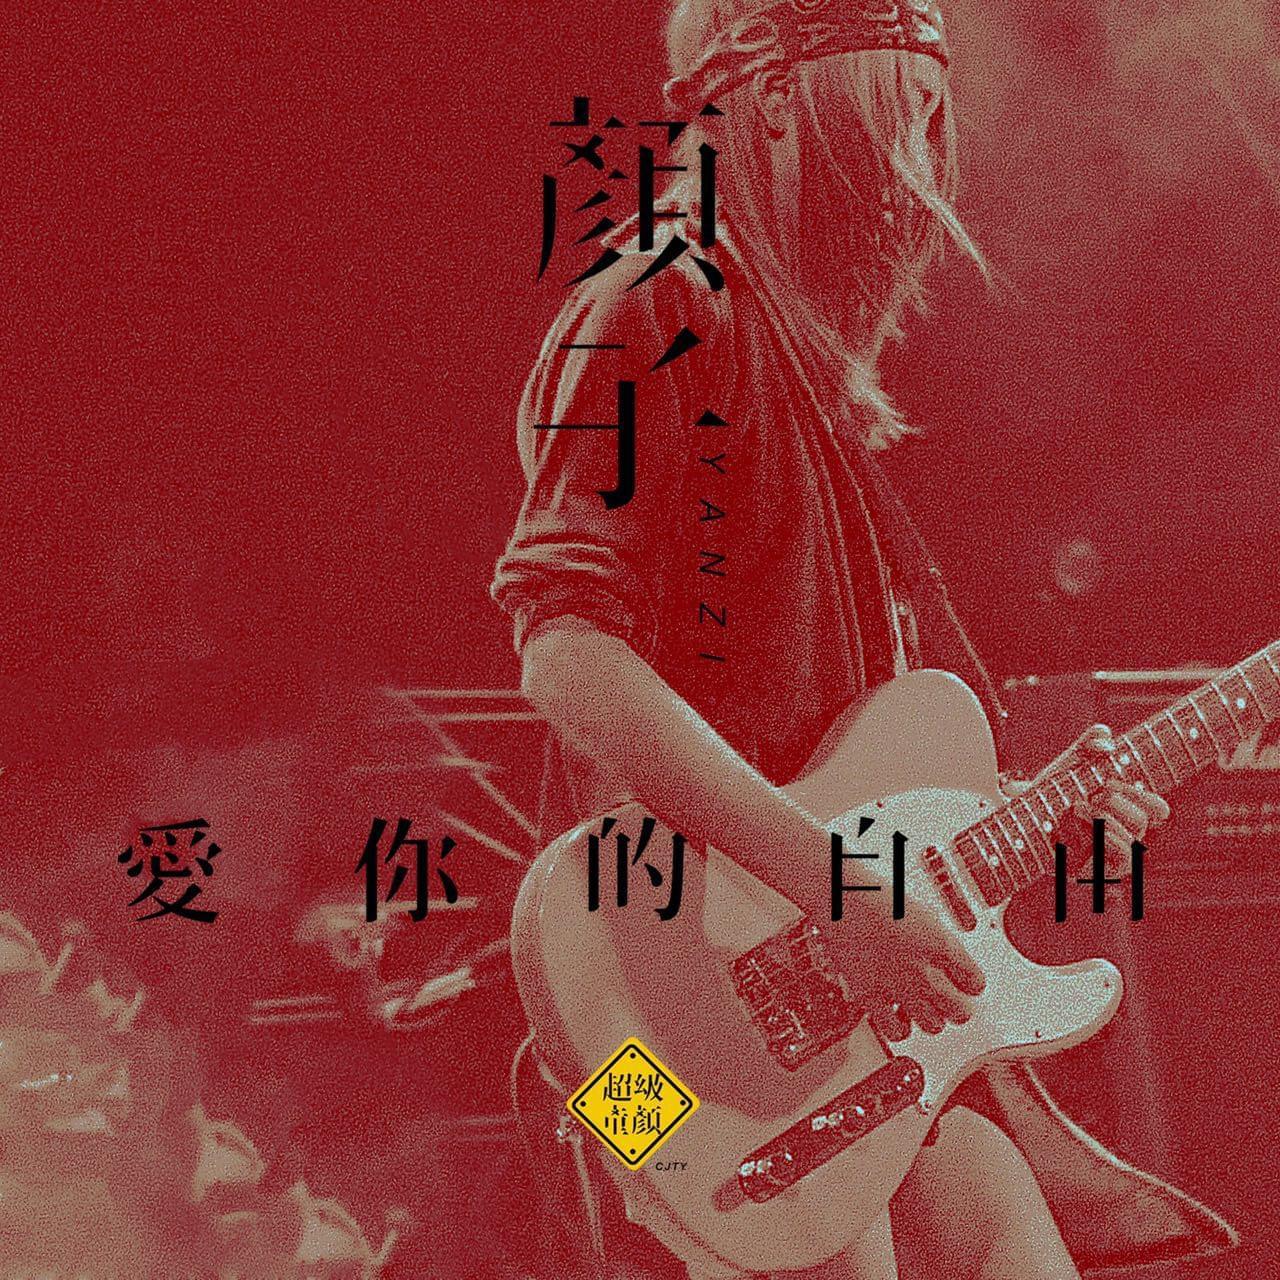 颜子+超级童颜《爱你的自由》表白神曲爱意满满